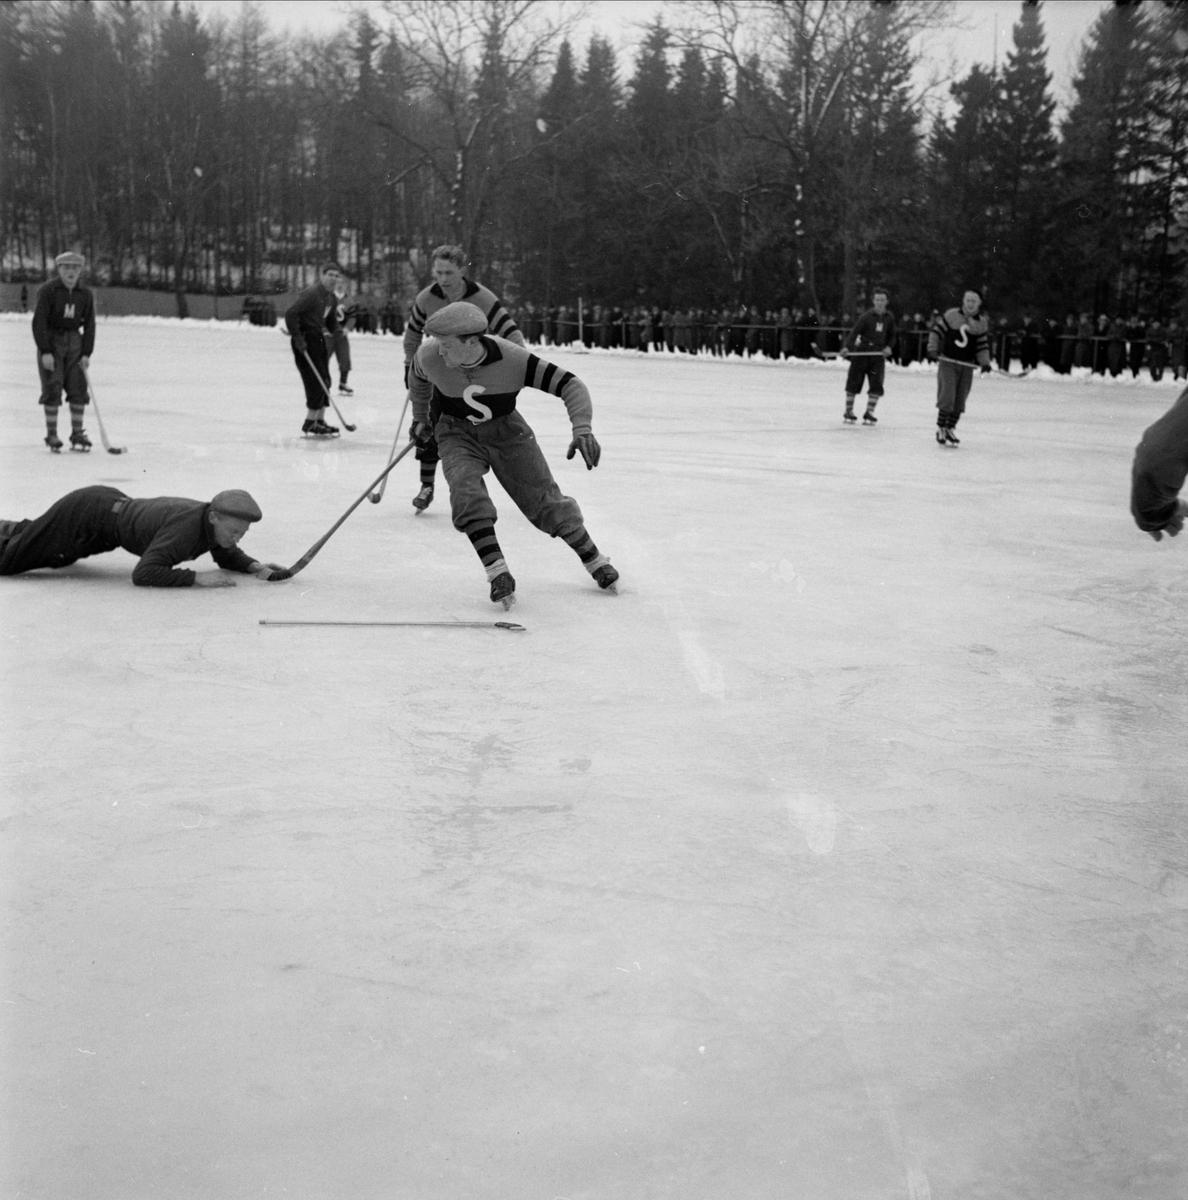 Bandy - IK Sirius - Morgongåva Sportklubb, Morgongåva, Uppland 1948 - 1949